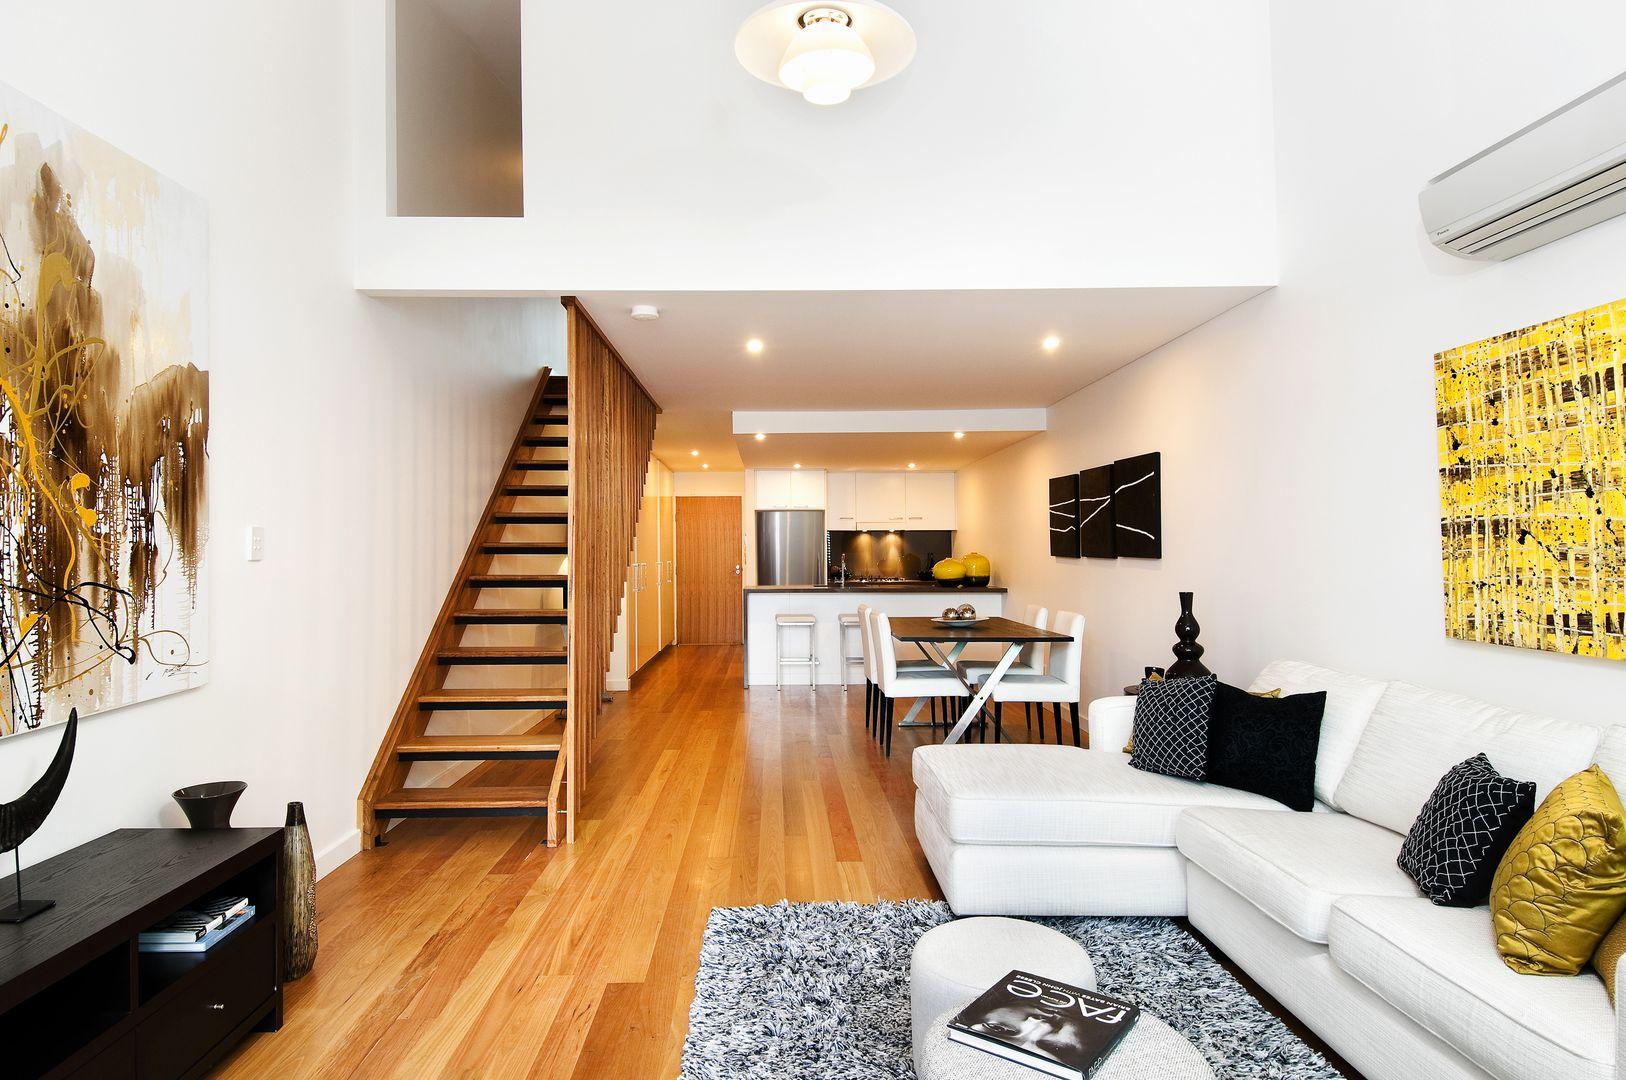 16/19 Beeson Street, Leichhardt NSW 2040, Image 0